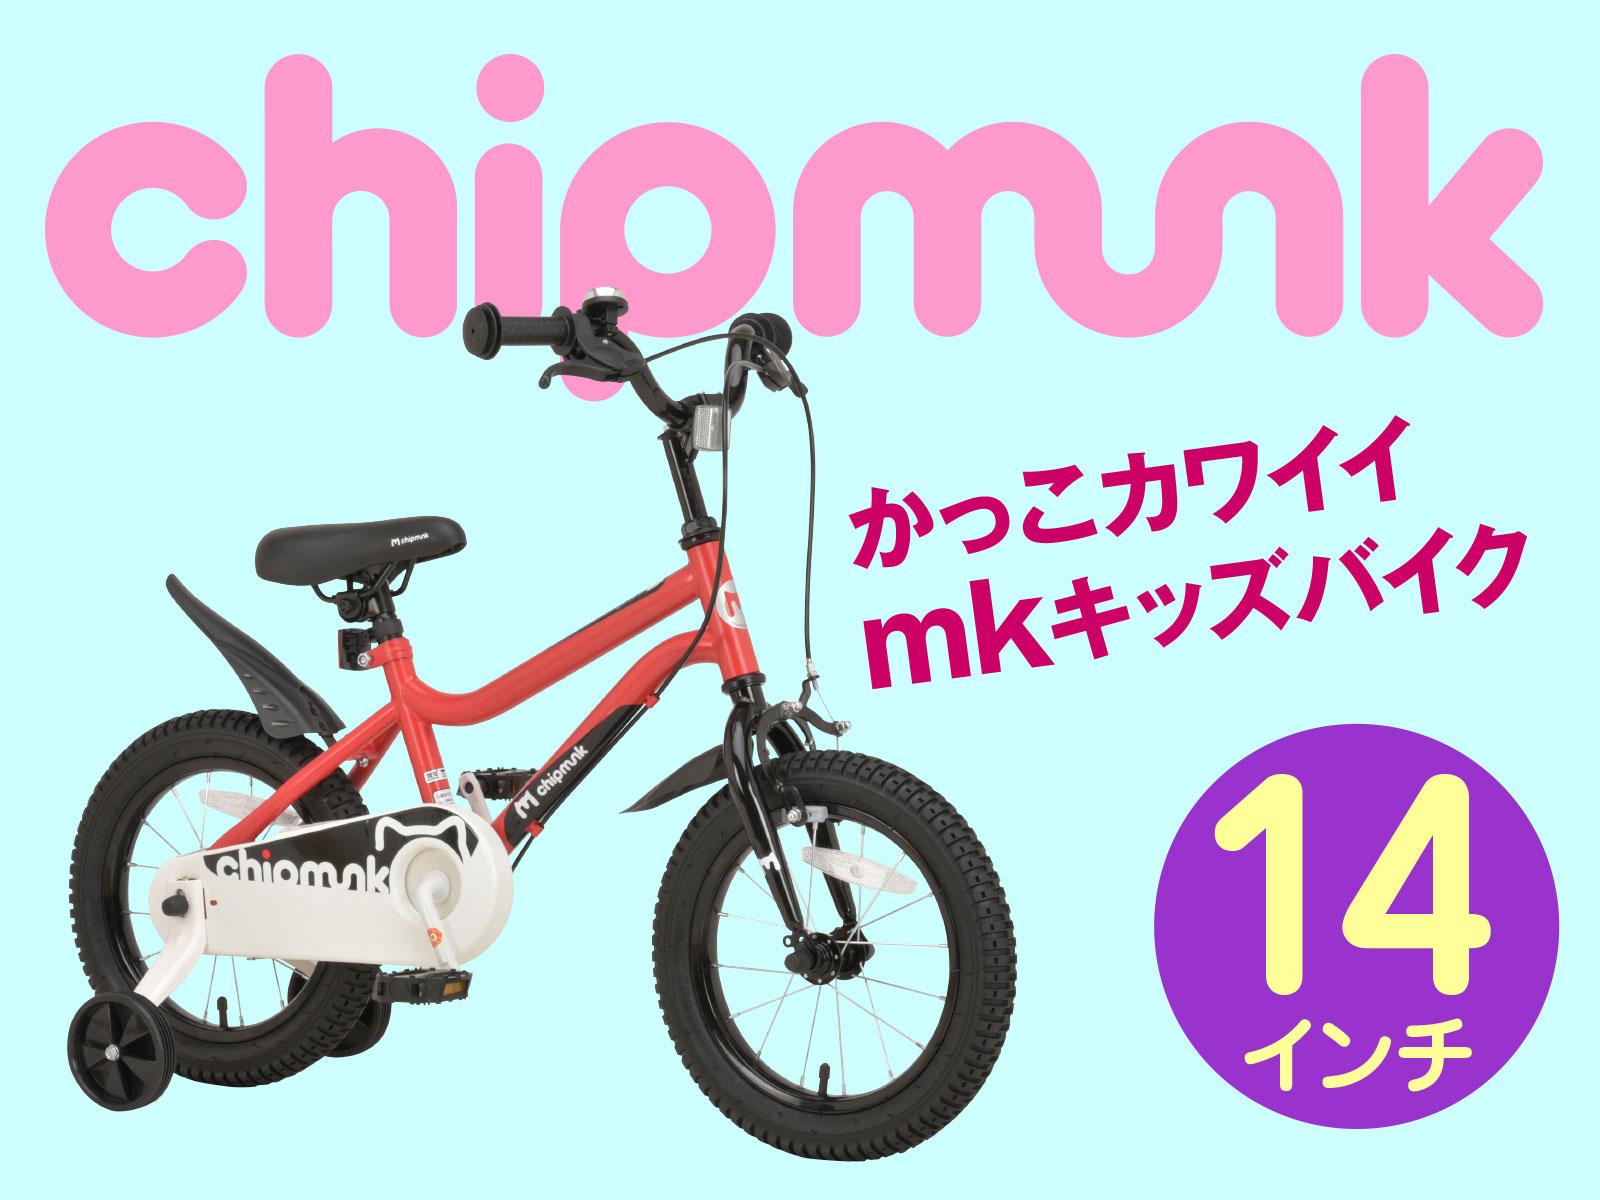 chipmunk_mk14-1